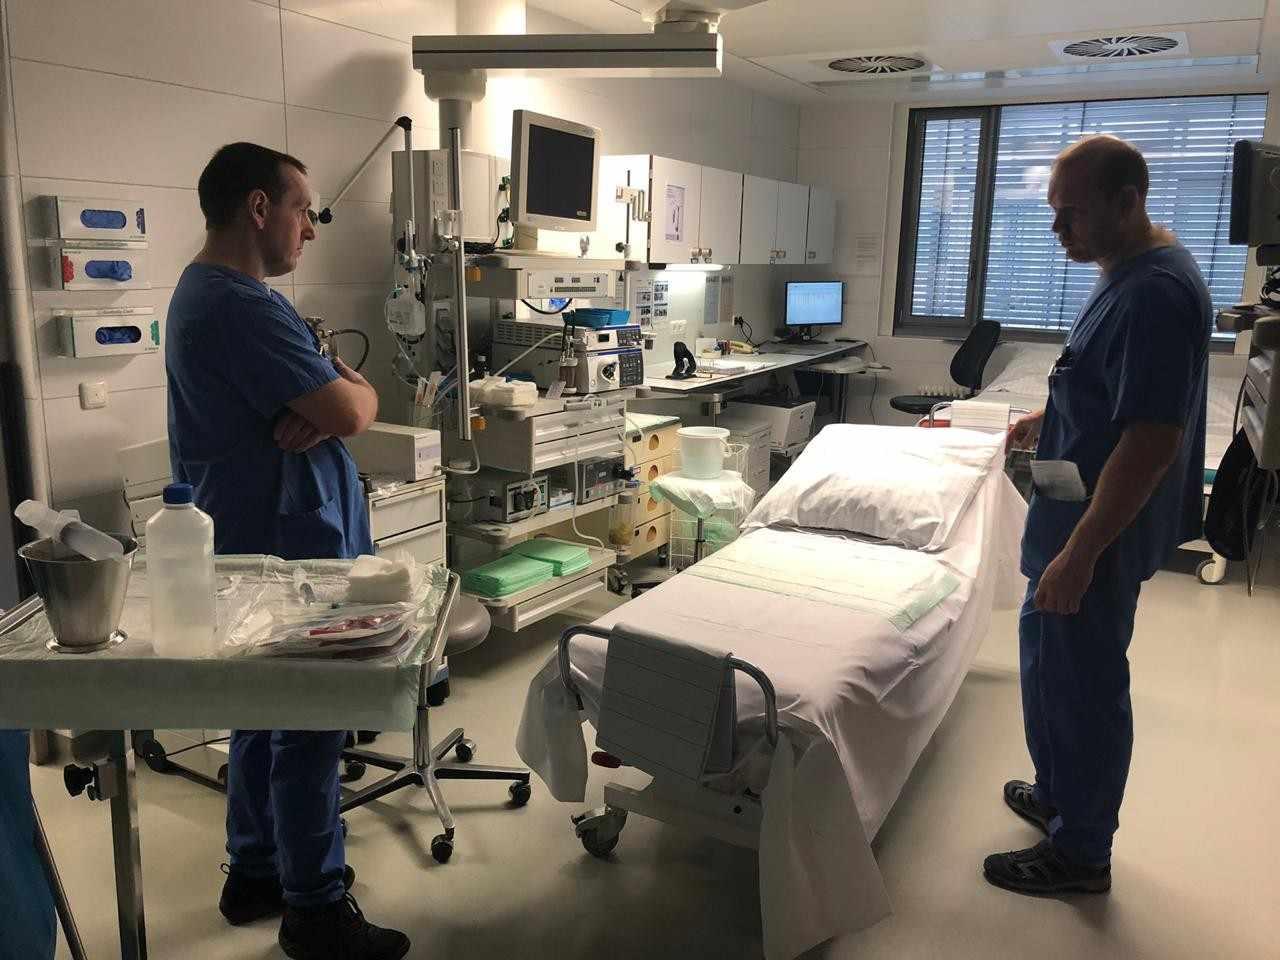 Оснащение зарубежных клиник во многом лучше российских